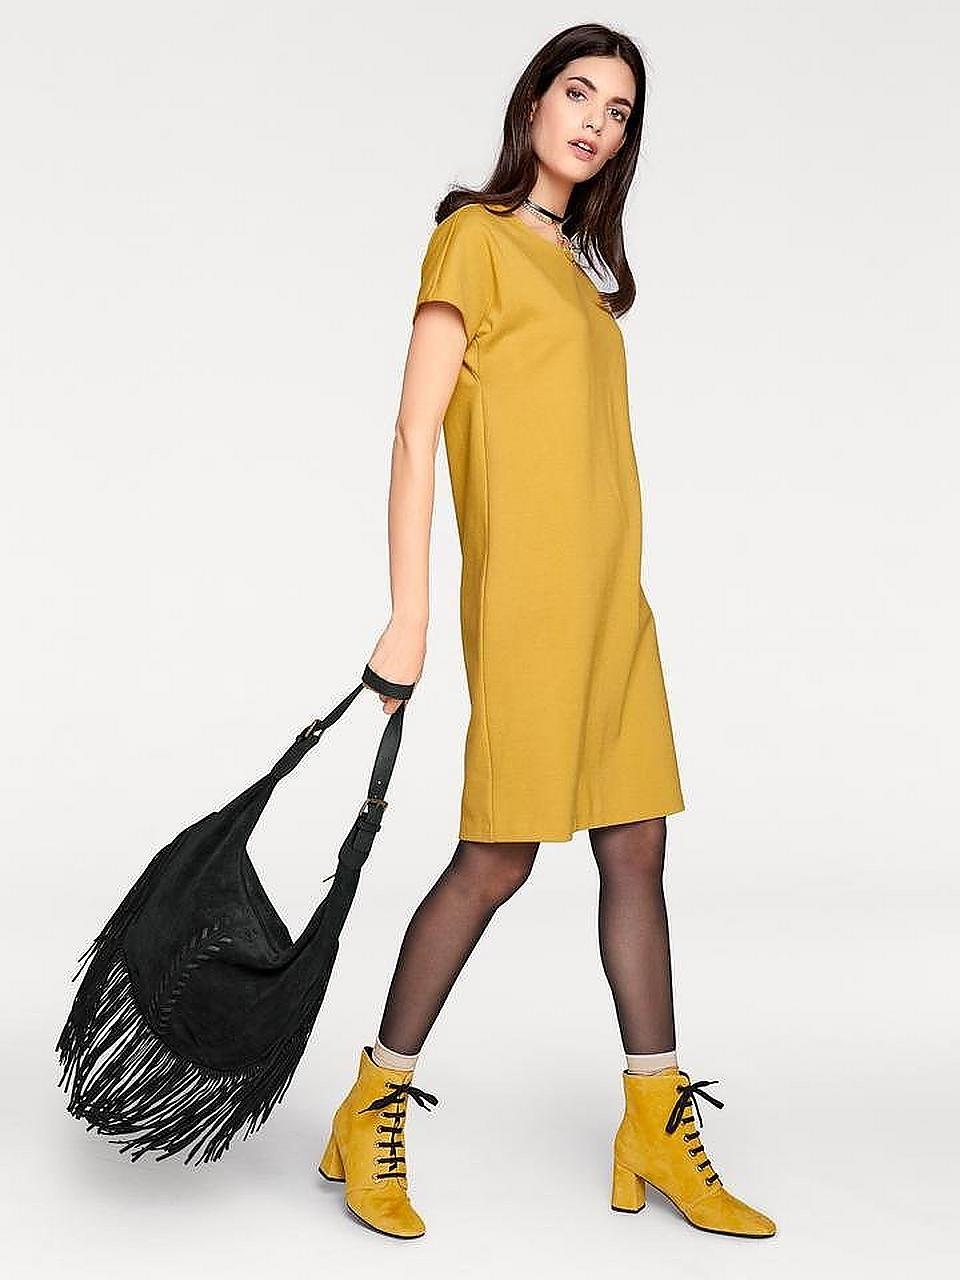 Schönheit Jerseykleid für Damen kaufen  BAUR  Gelbe mode, Mode, Gelbe bluse Einfach